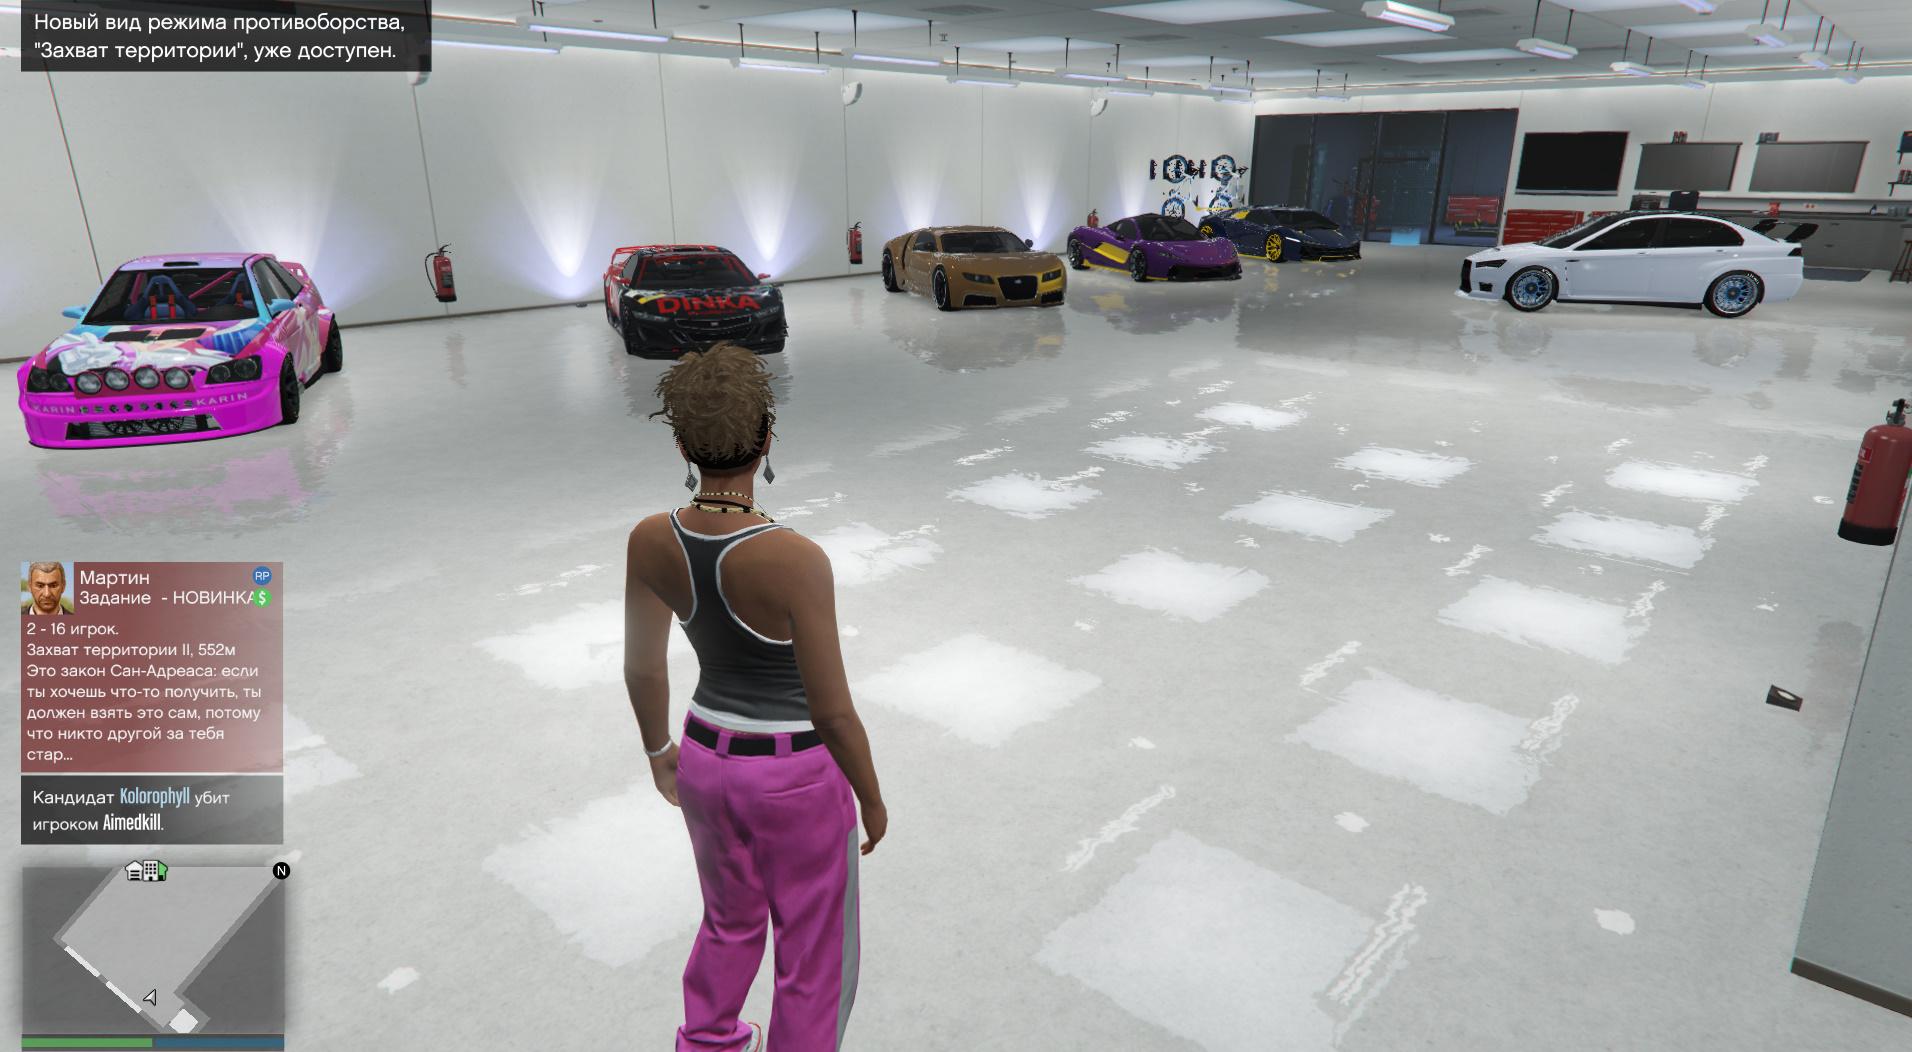 GTA5 2017-04-18 16-22-17-863.jpg - Grand Theft Auto 5 Открытый мир